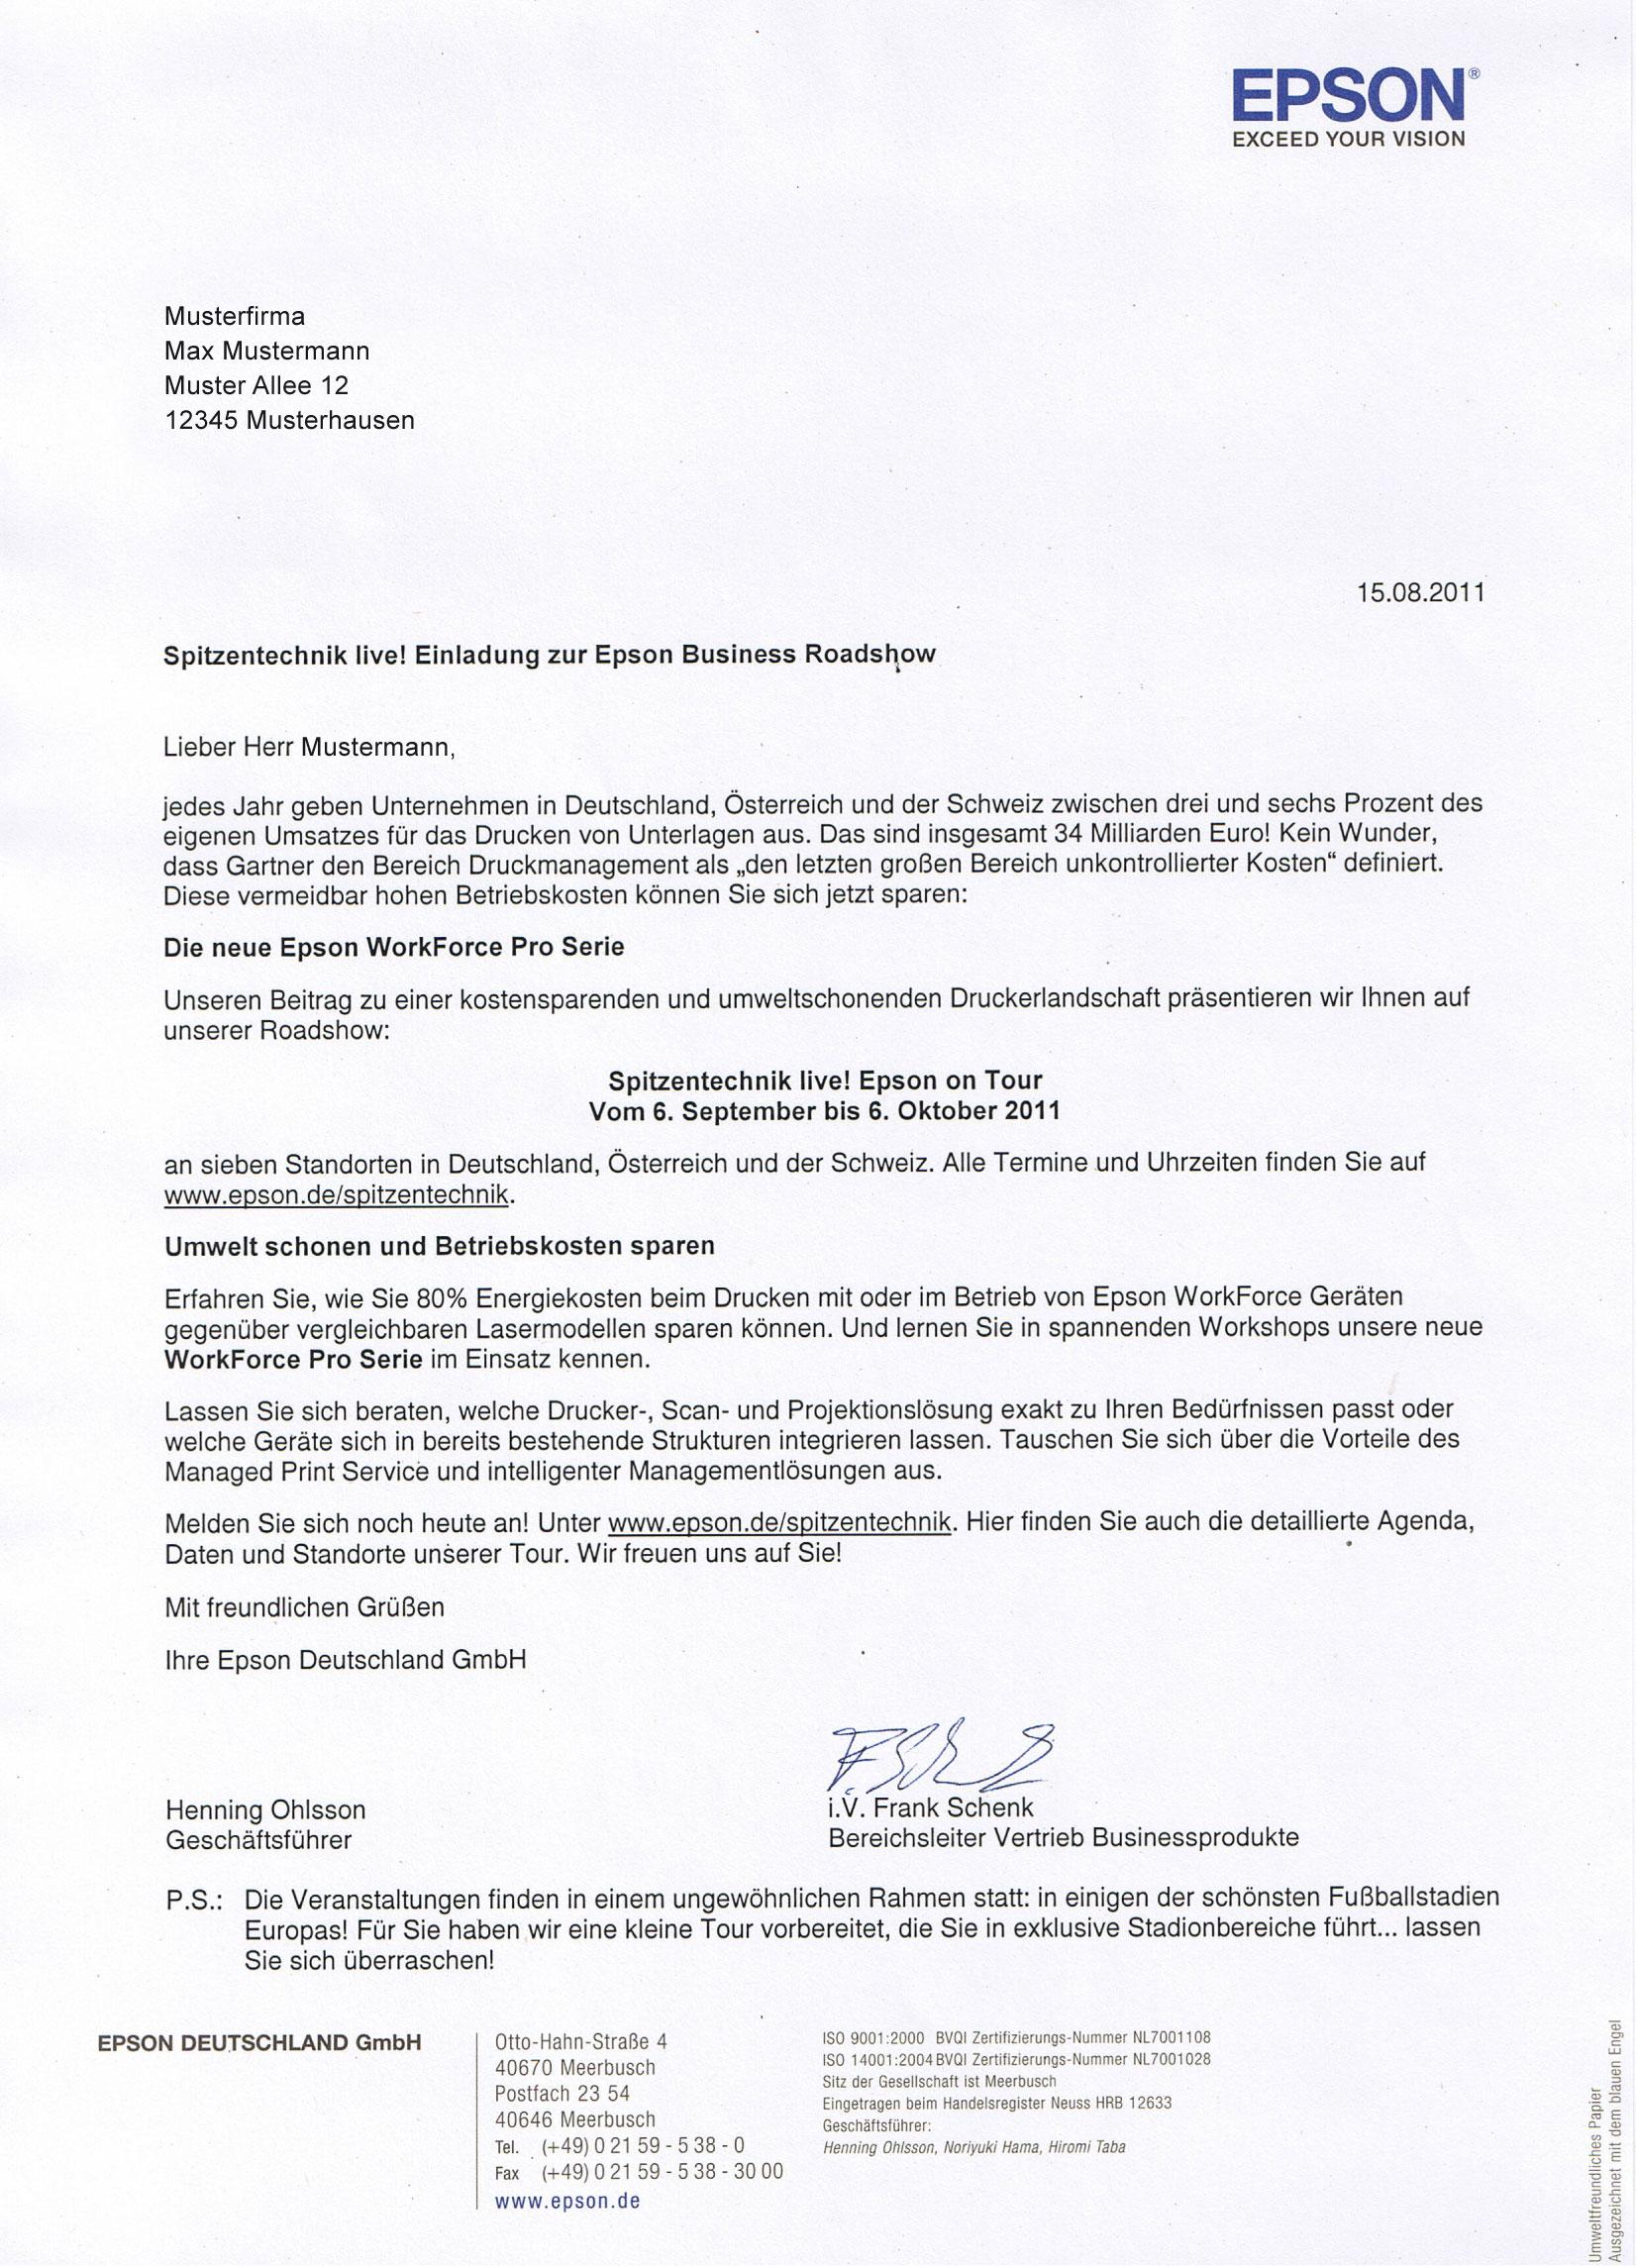 cvdb - claudia von der brüggen - claudia privitera - redaktion und, Einladungen